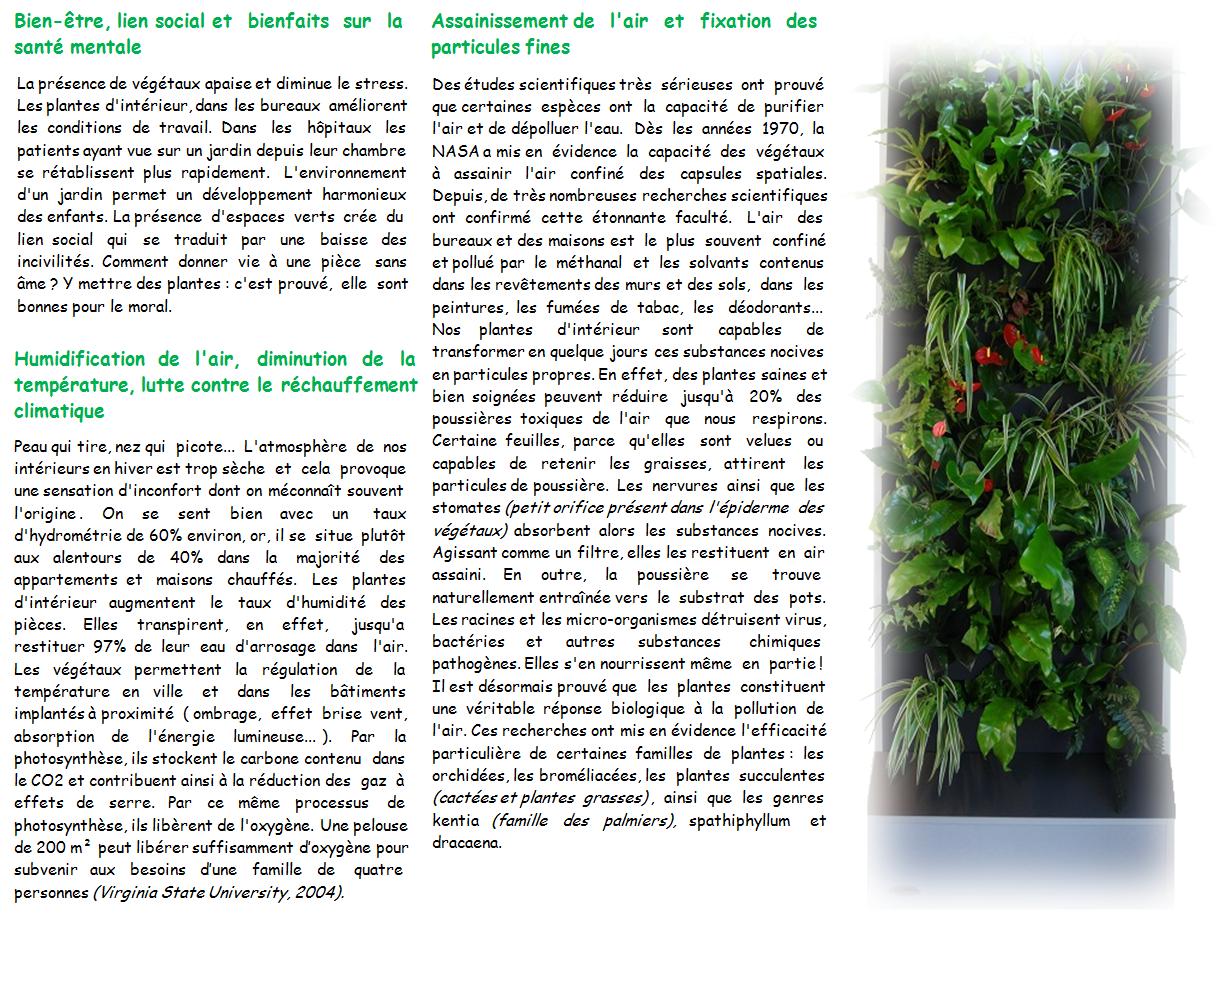 bienfaits-des-plantes-2